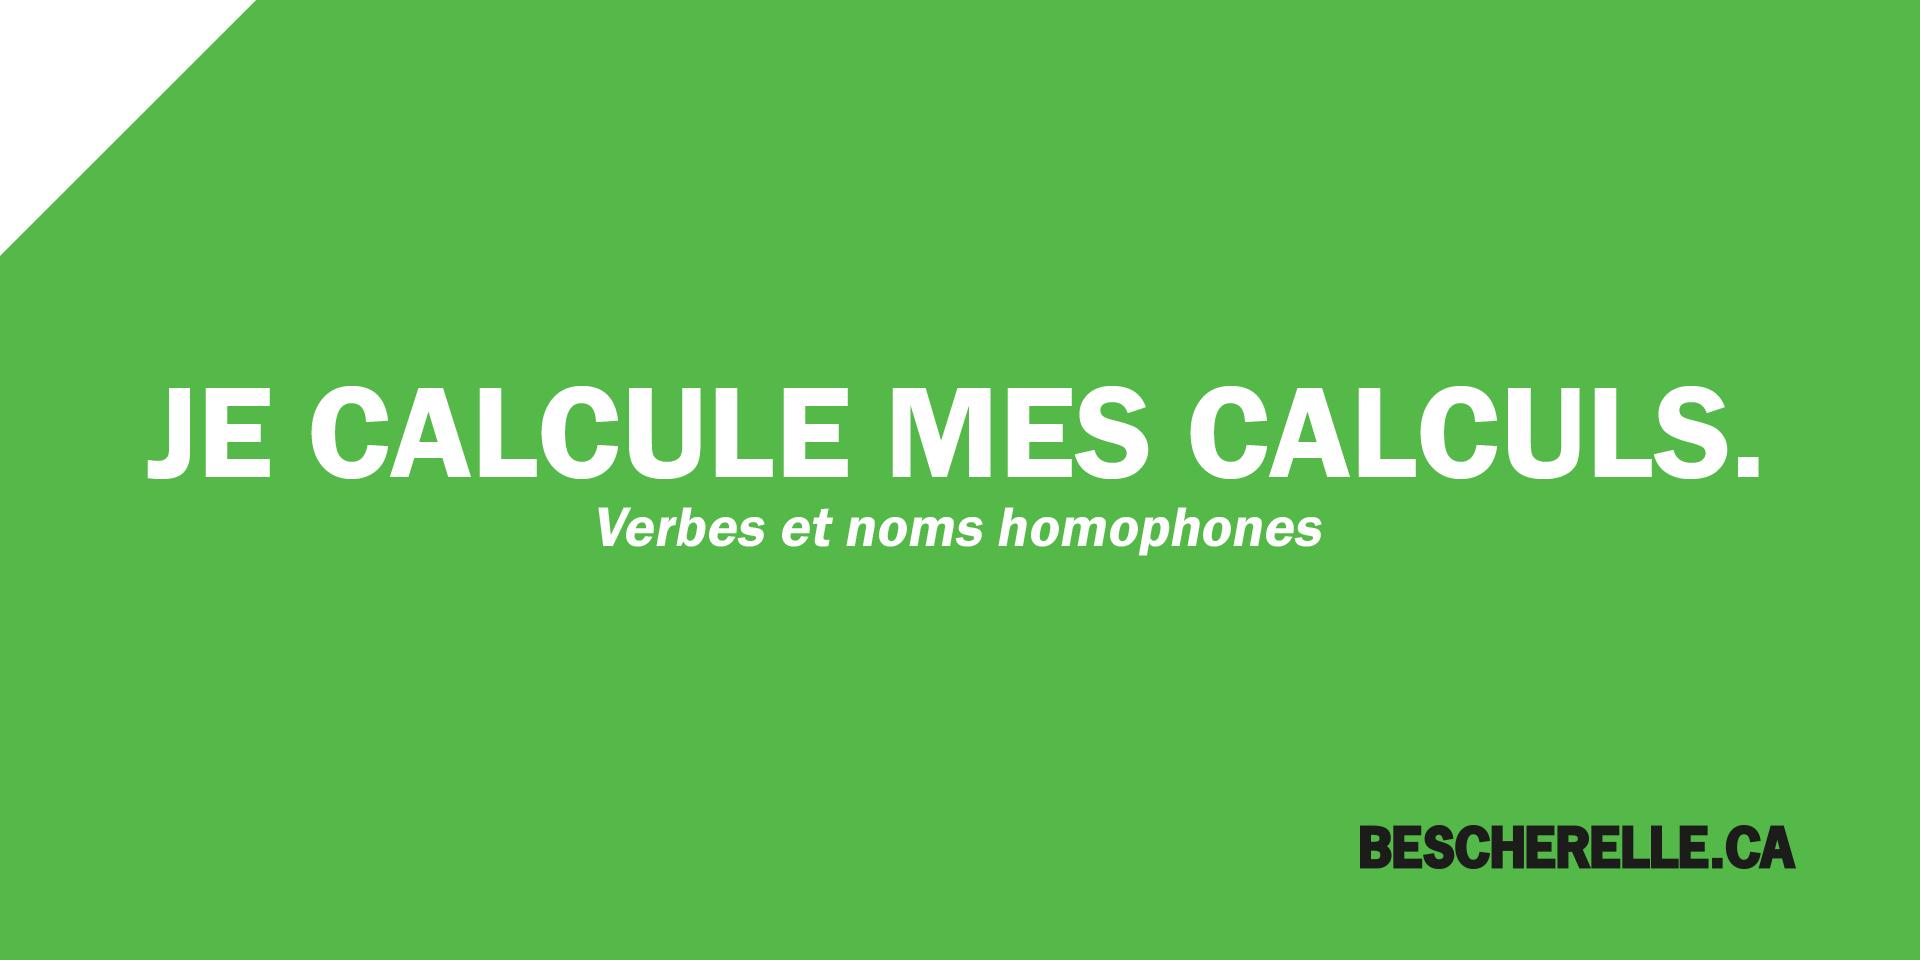 Verbes Et Noms Homophones Bescherelle